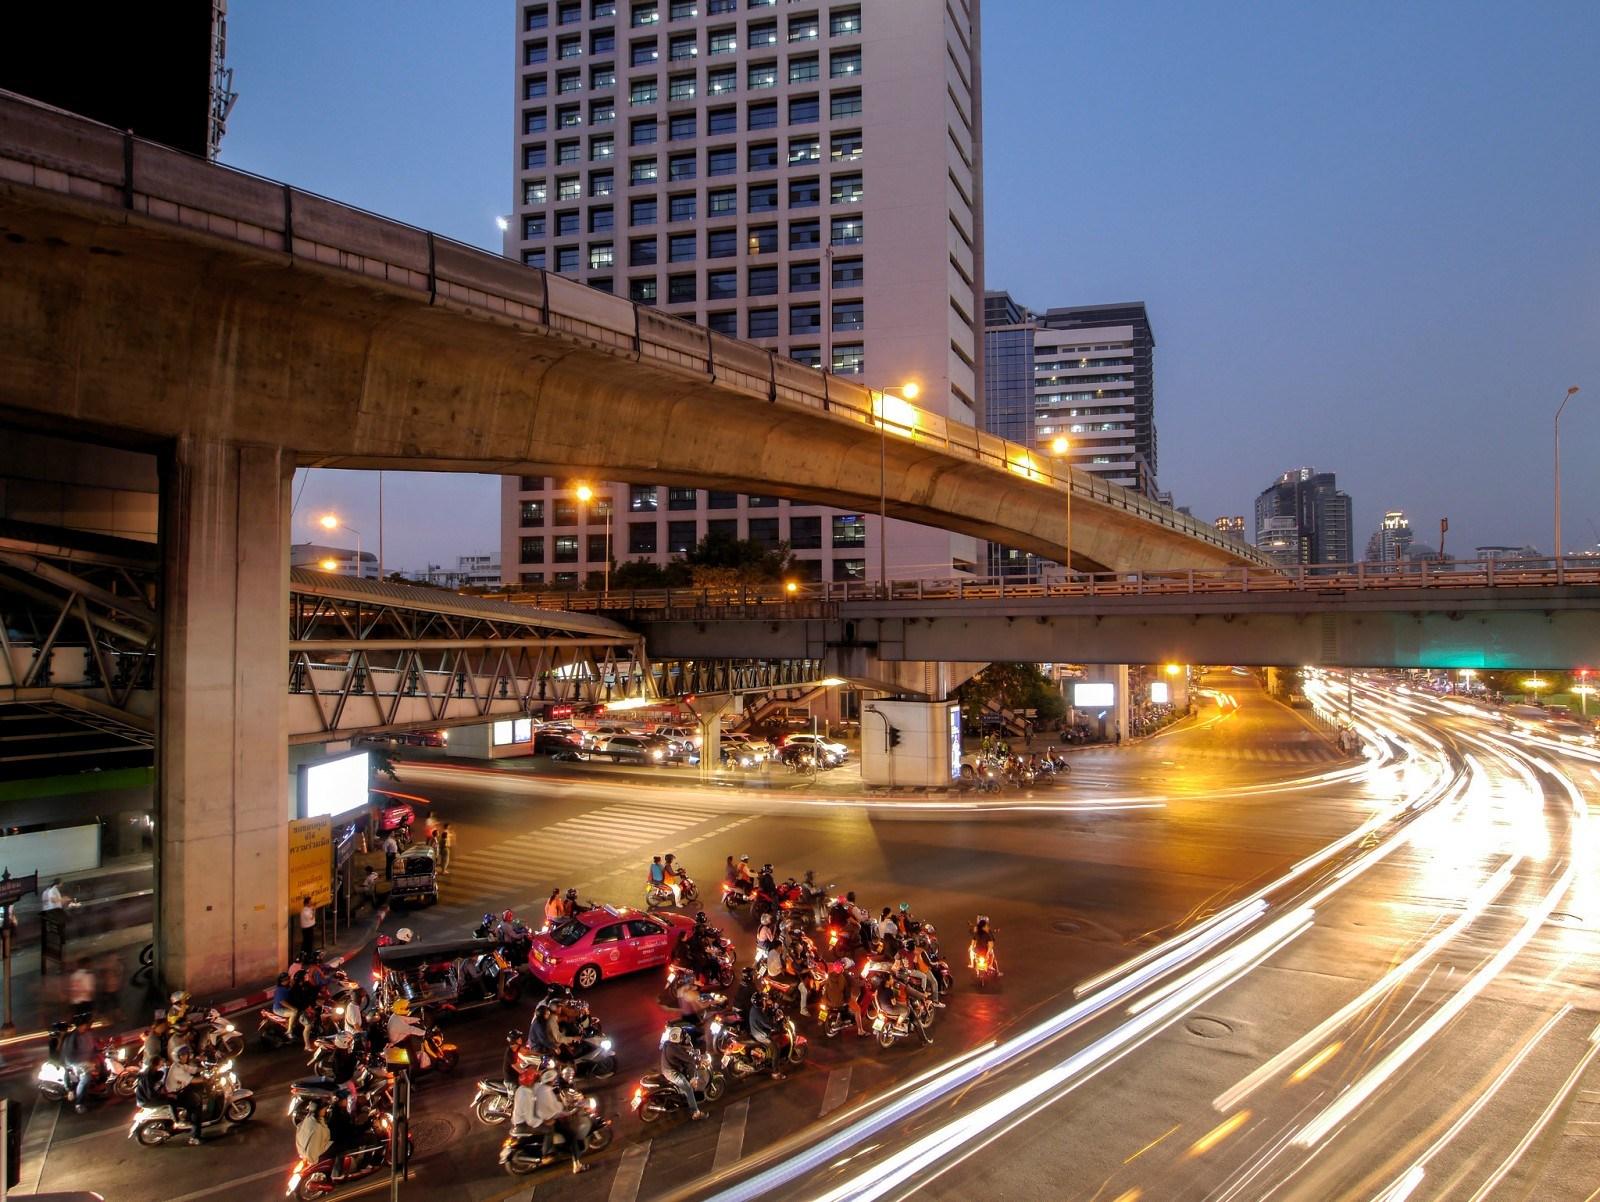 เศรษฐกิจไทยในปัจจุบันนี้ส่งผลอย่างไร